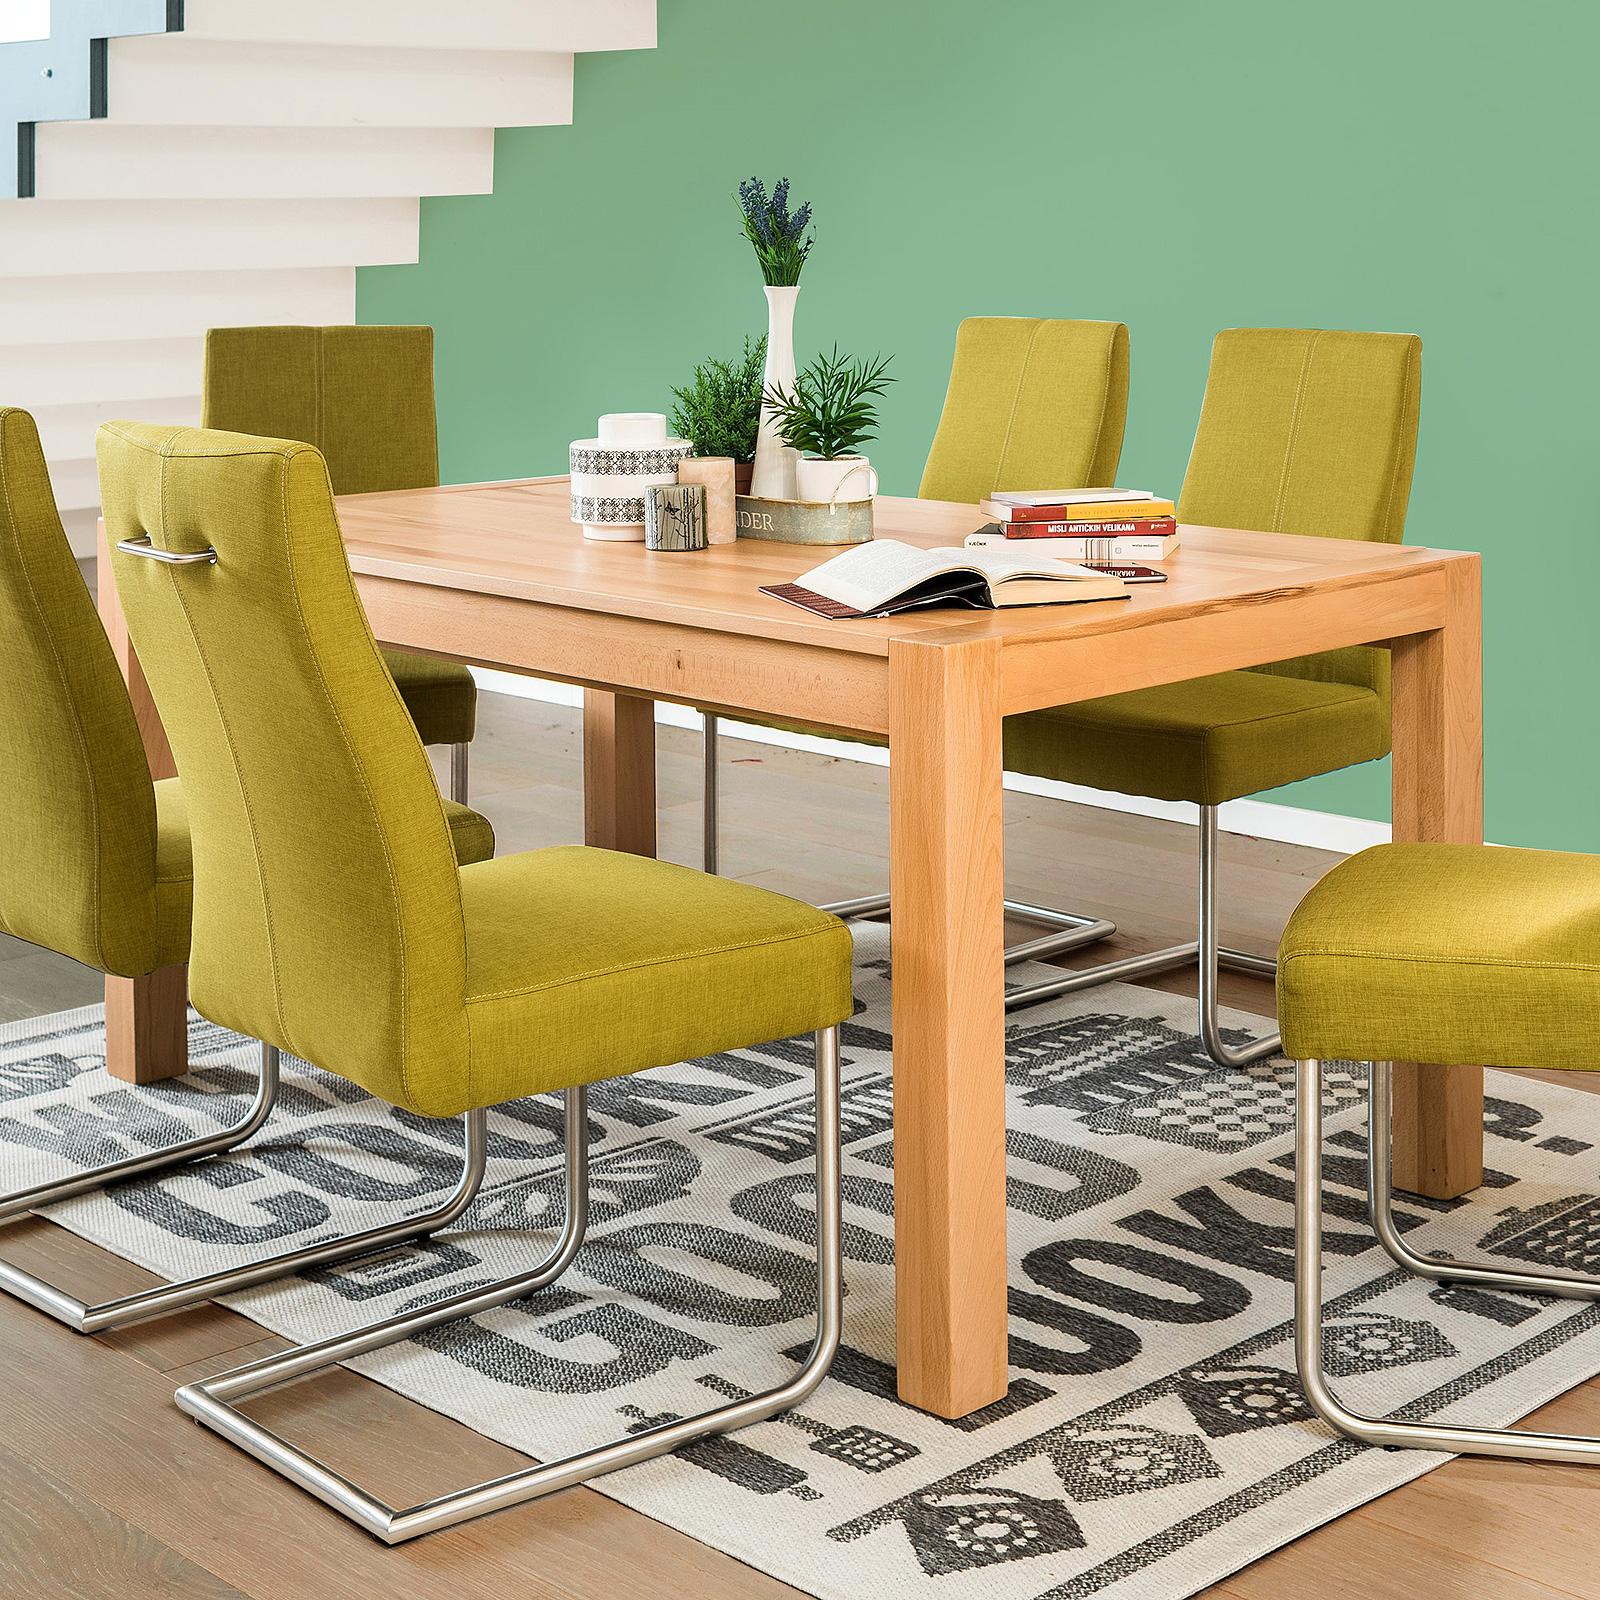 esstisch kapstadt 3xl esszimmertisch eiche massiv ge lt 160 295 cm farbauswahl ebay. Black Bedroom Furniture Sets. Home Design Ideas